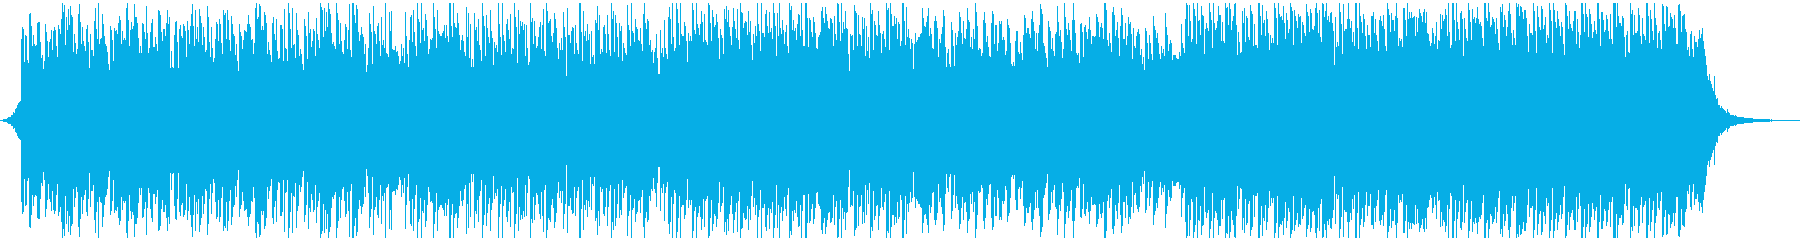 代替案 ポップ アンビエント アク...の再生済みの波形